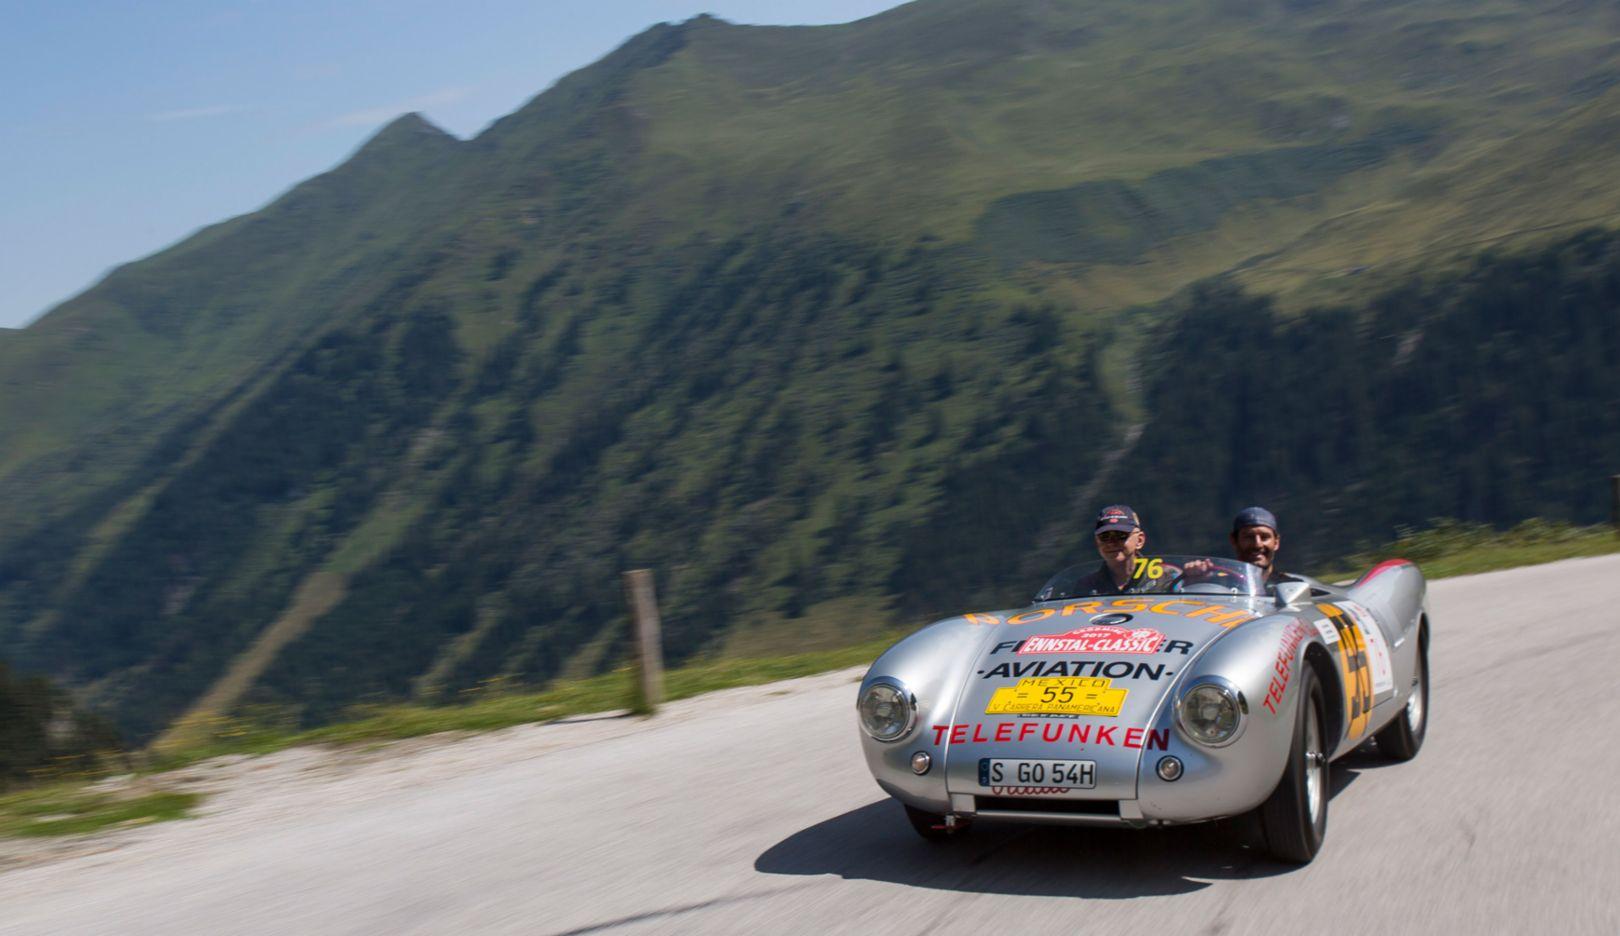 Mark Webber, Porsche Brand Ambassador (r), 550 Spyder from 1954, Ennstal Classic, 07/20/2017, Porsche AG